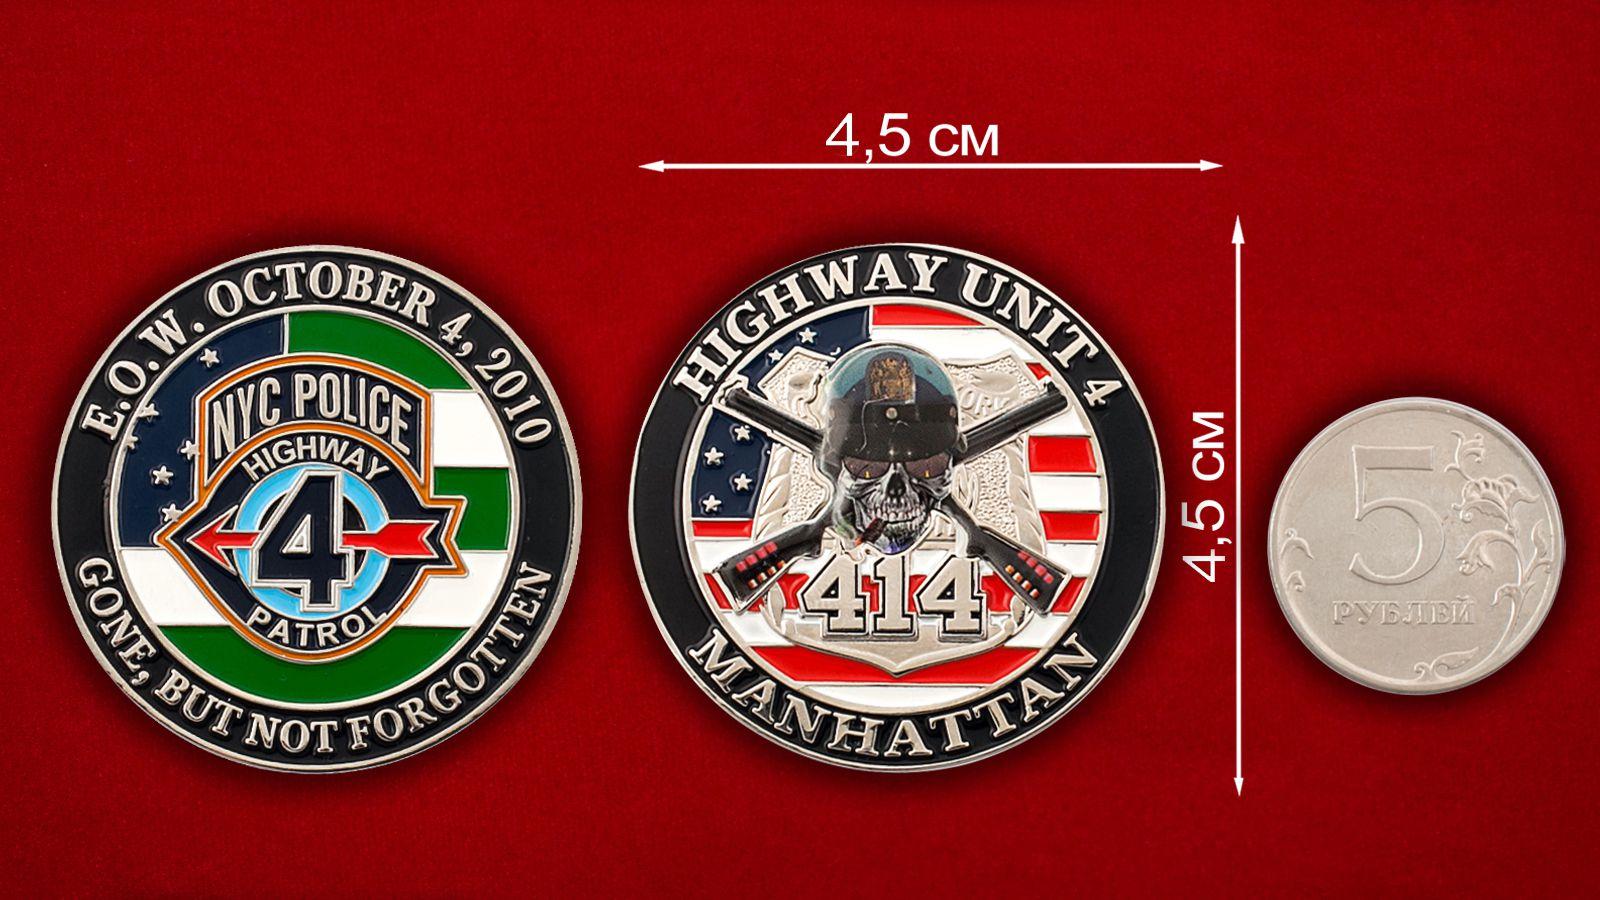 Челлендж коин 4-го отряда Дорожного патруля Нью-Йорка - сравнительный размер